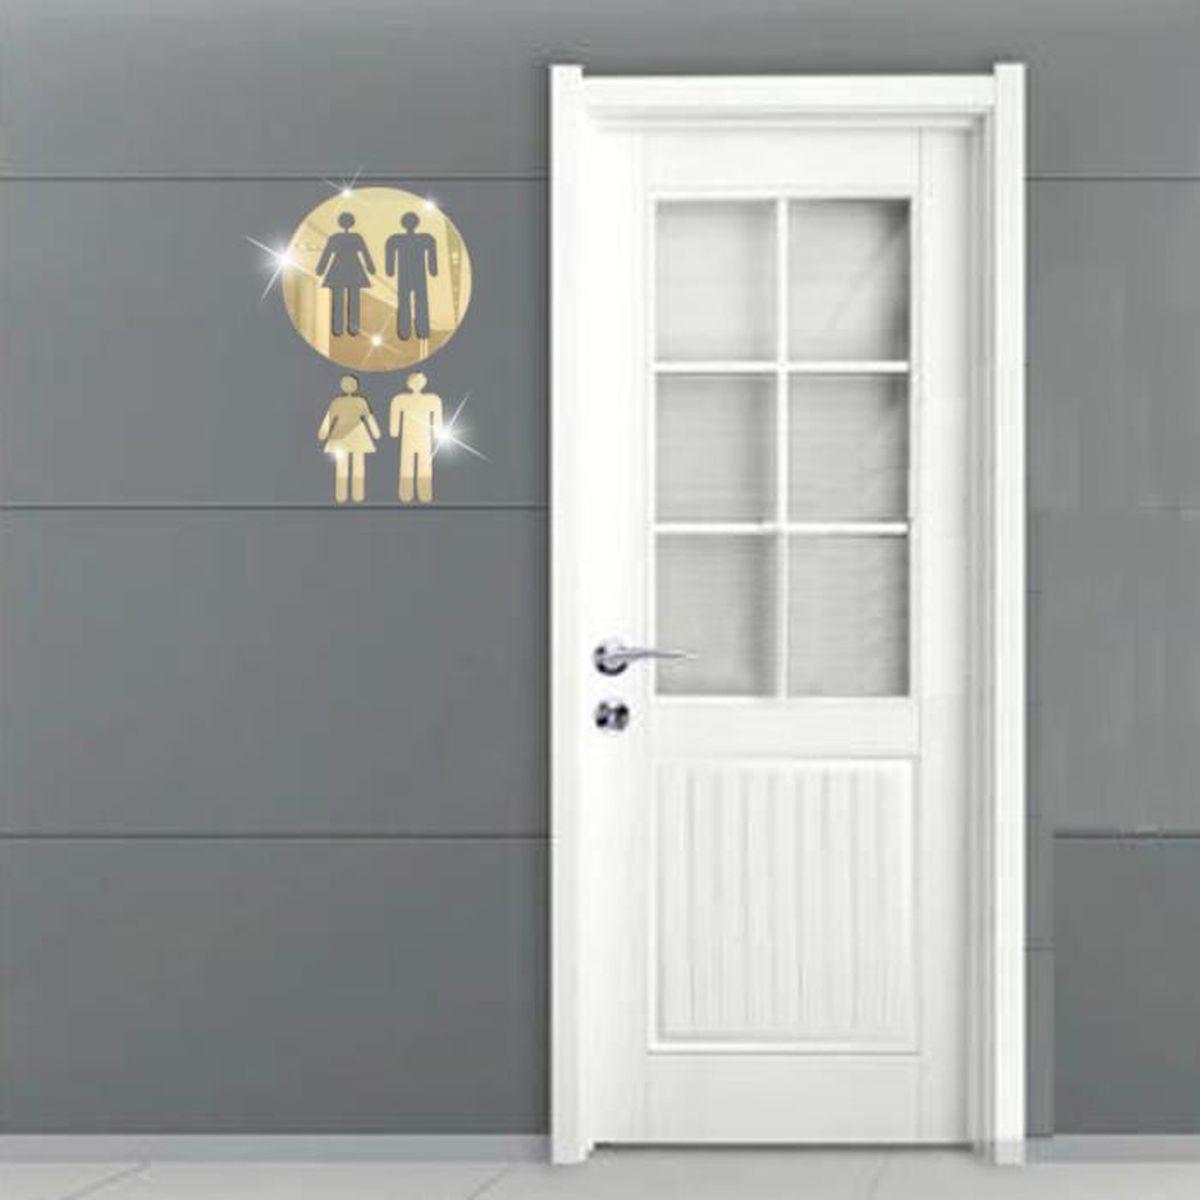 Deco Porte Salle De Bain 3d signe de toilettes miroir autocollant mural porte pr